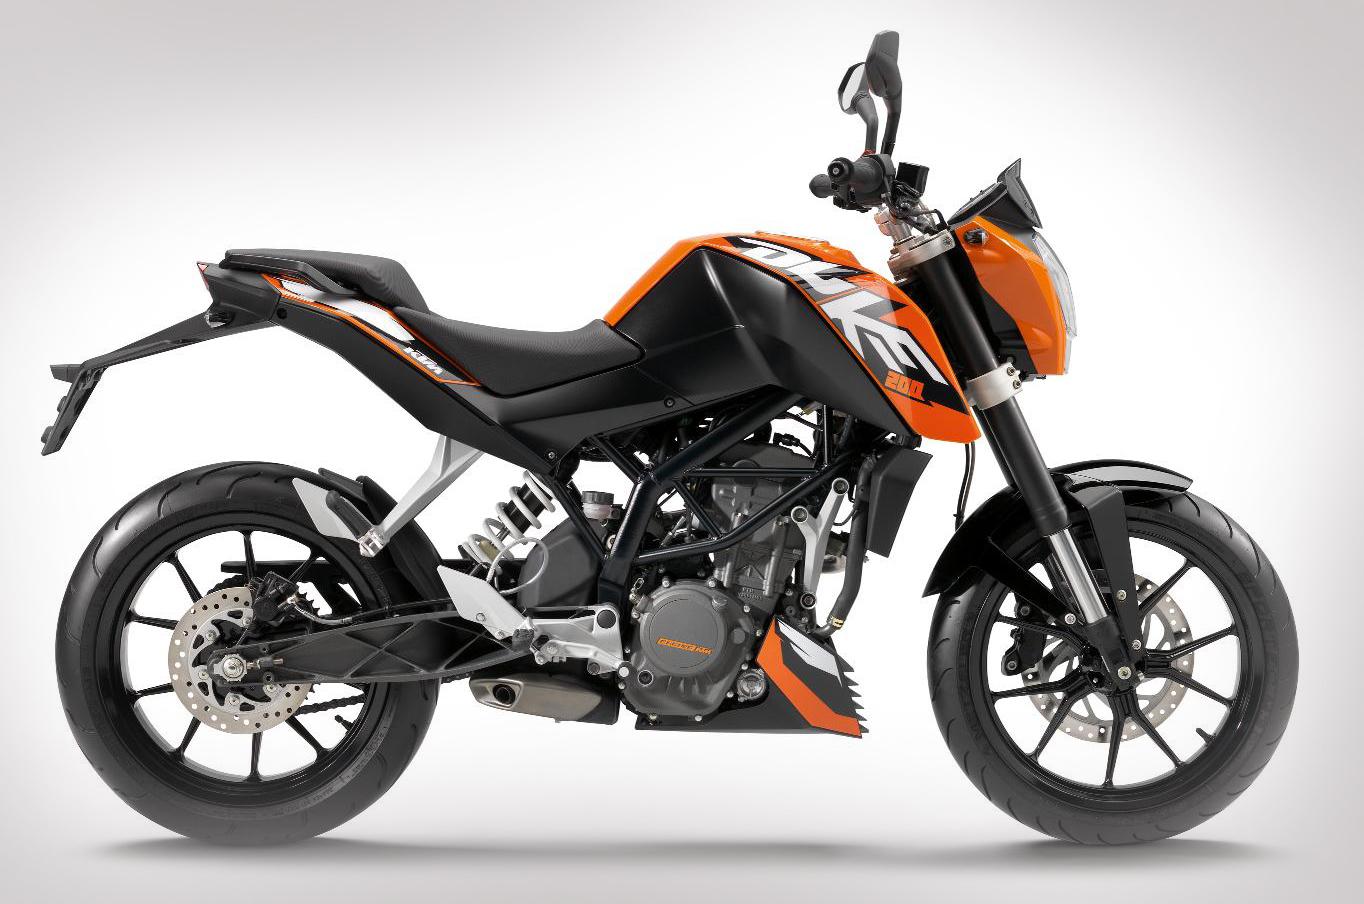 KTM Duke 200 Wallpapers HD   Khmer Motor 1364x904